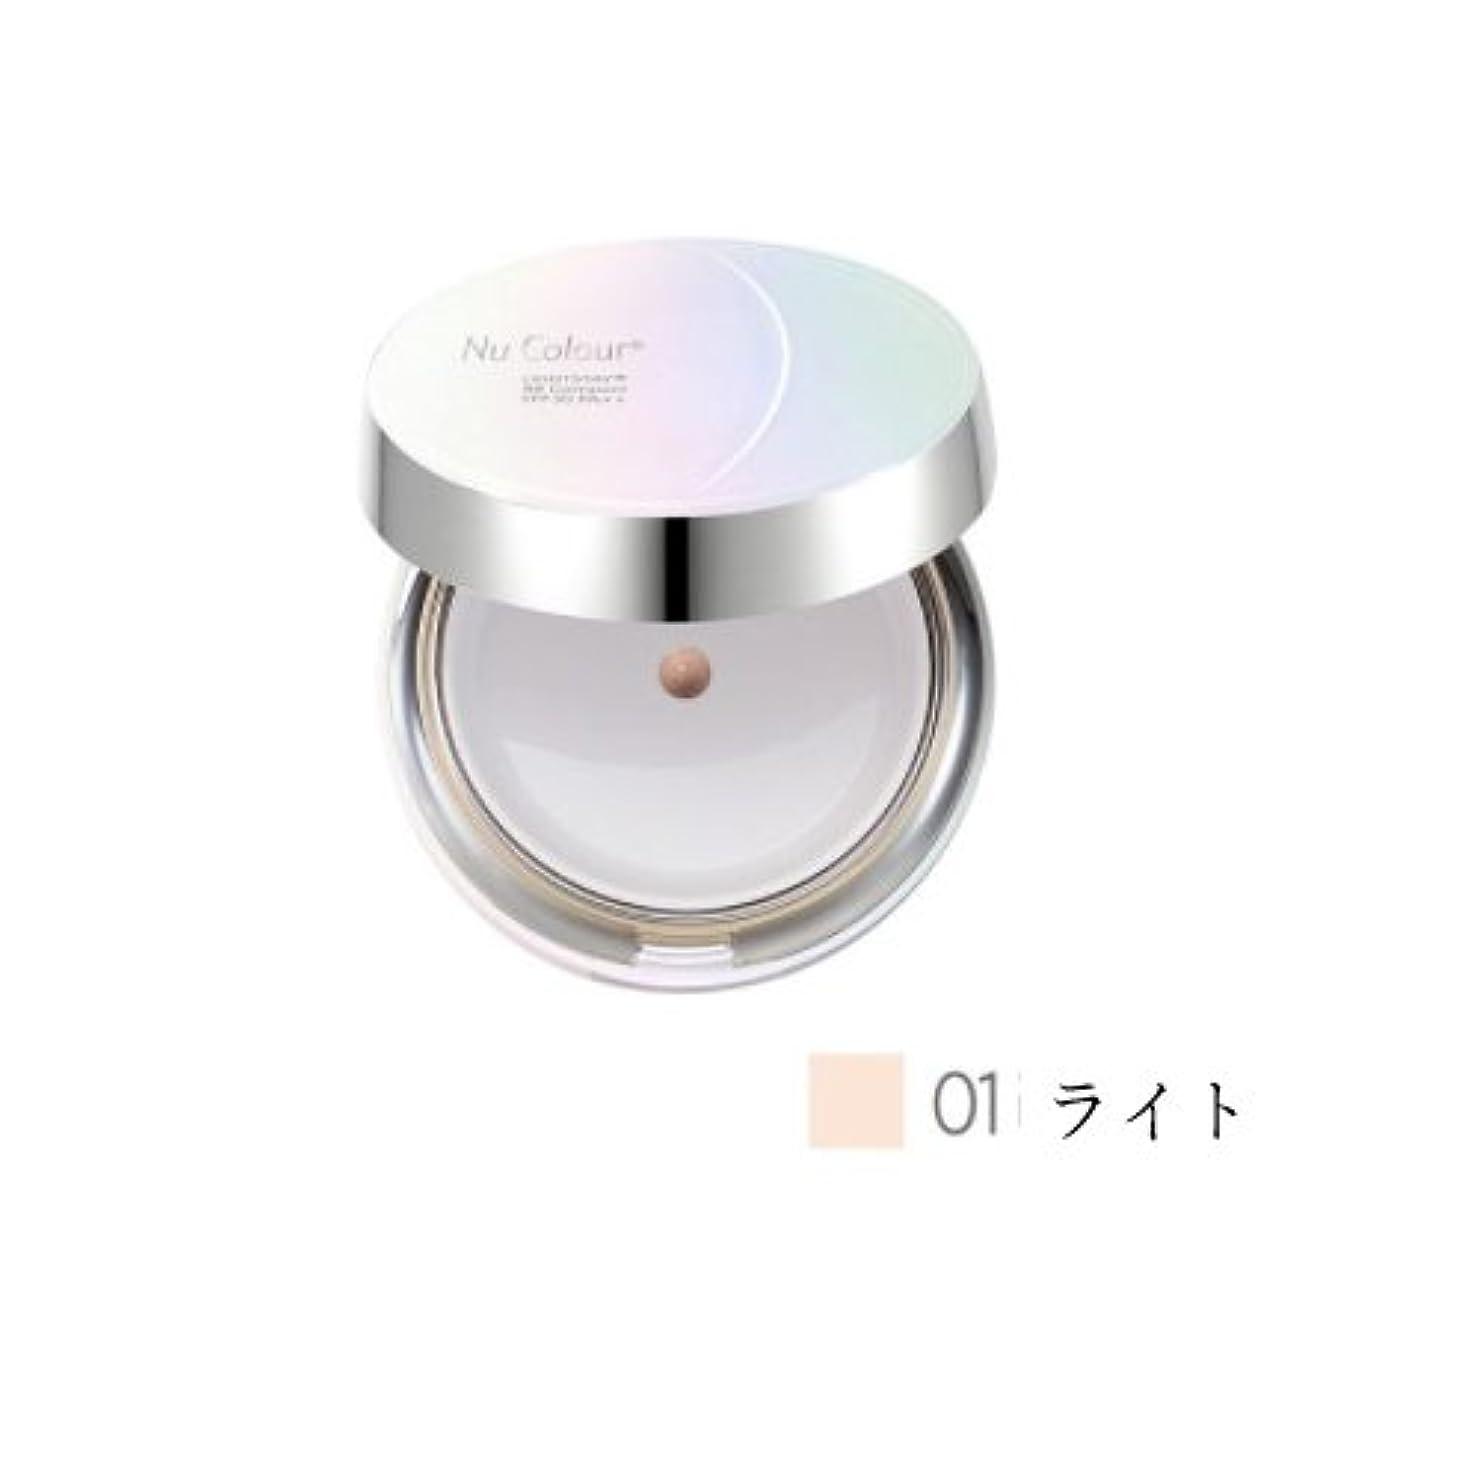 くぼみ挑む第五ニュースキン ライトステイビビコンパクトSPF30 PA++01ライト BB Compact 01 Light [並行輸入品]